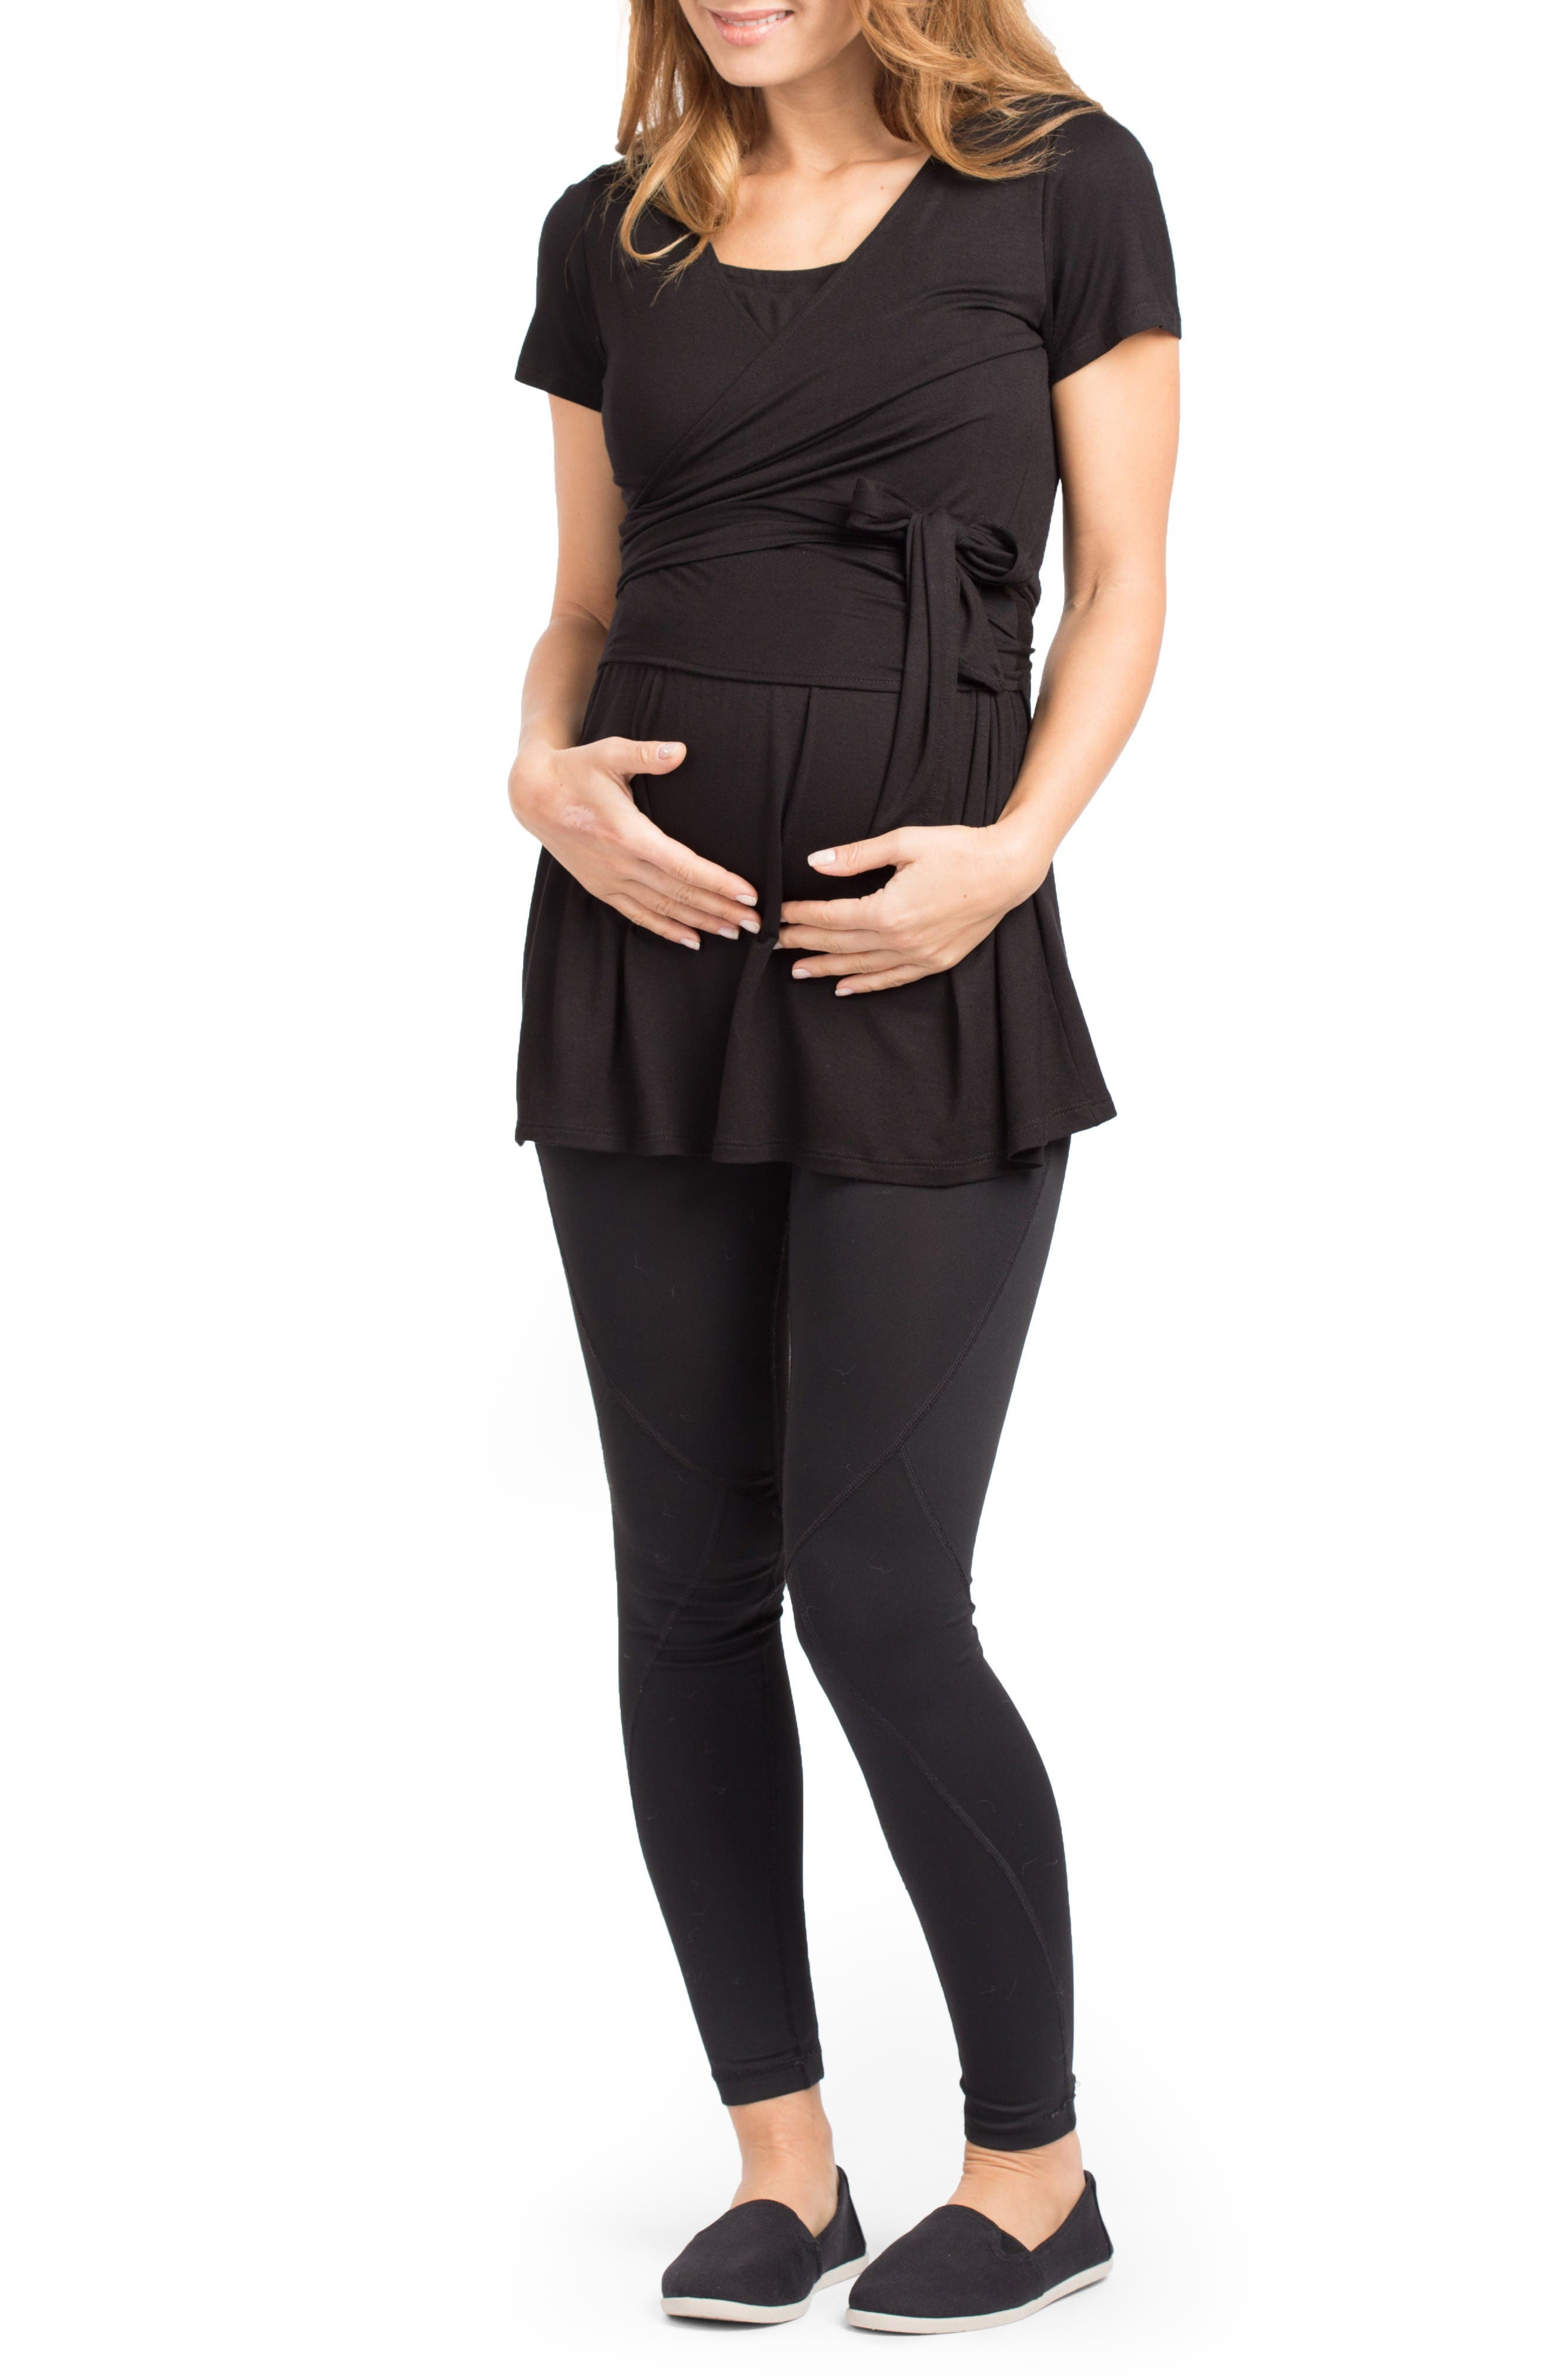 Main Image - Savi Mom Pasadena Wrap Maternity Tunic